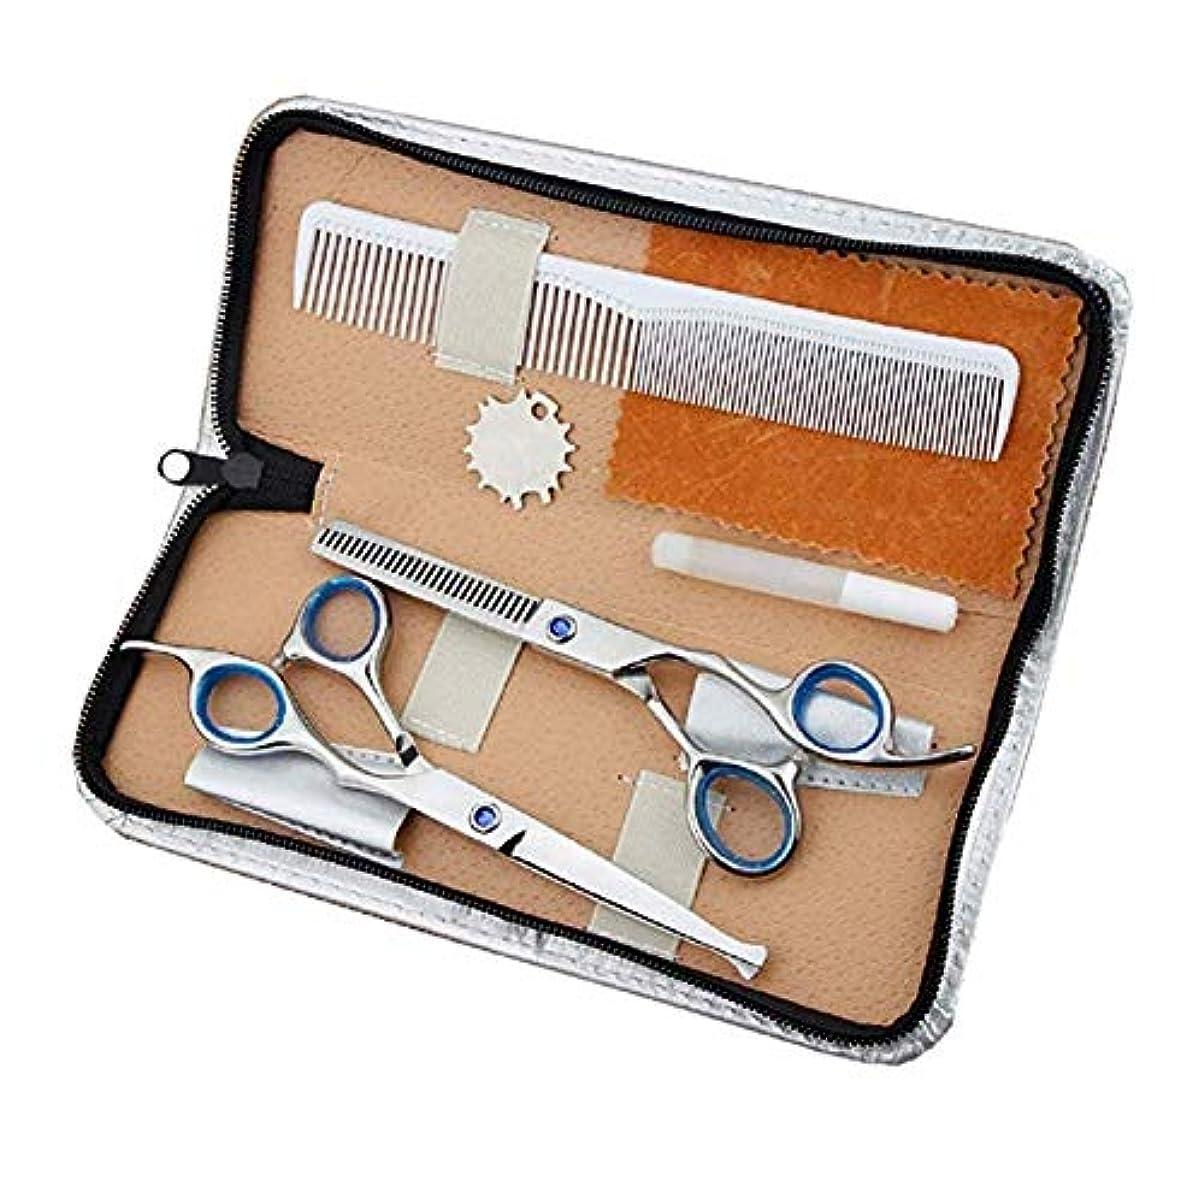 すでにミリメートル代数家庭用バーバーツールセットプロフェッショナル理容はさみを切断新ラウンドの歯 ヘアケア (色 : 青)